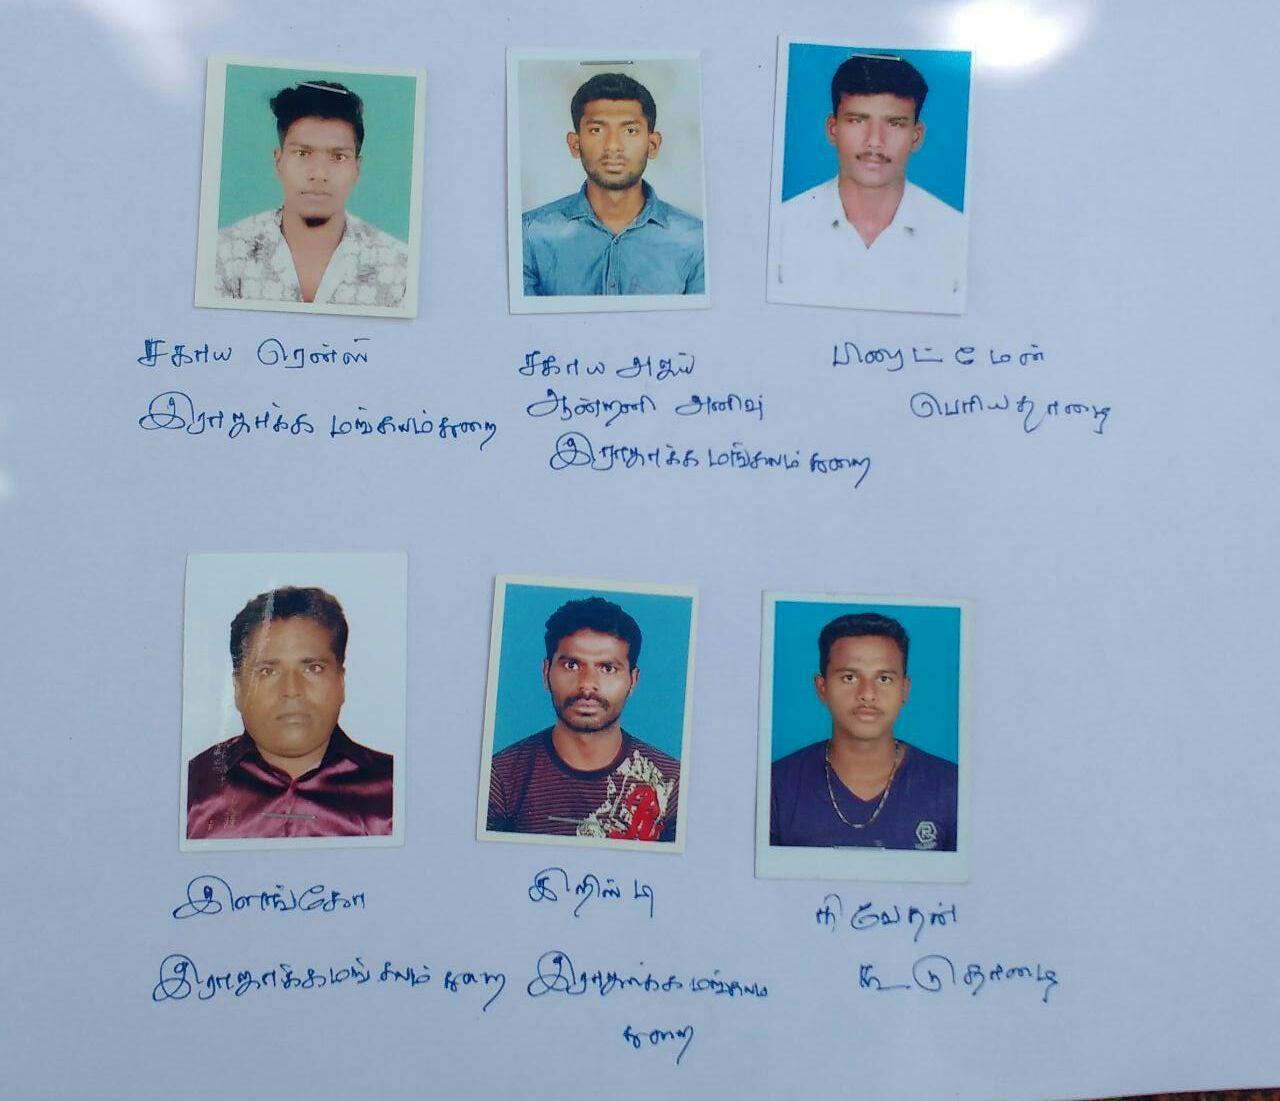 கீஸ் தீவில் சிறைவைக்கப்பட்டுள்ள 6 மீனவர்கள்